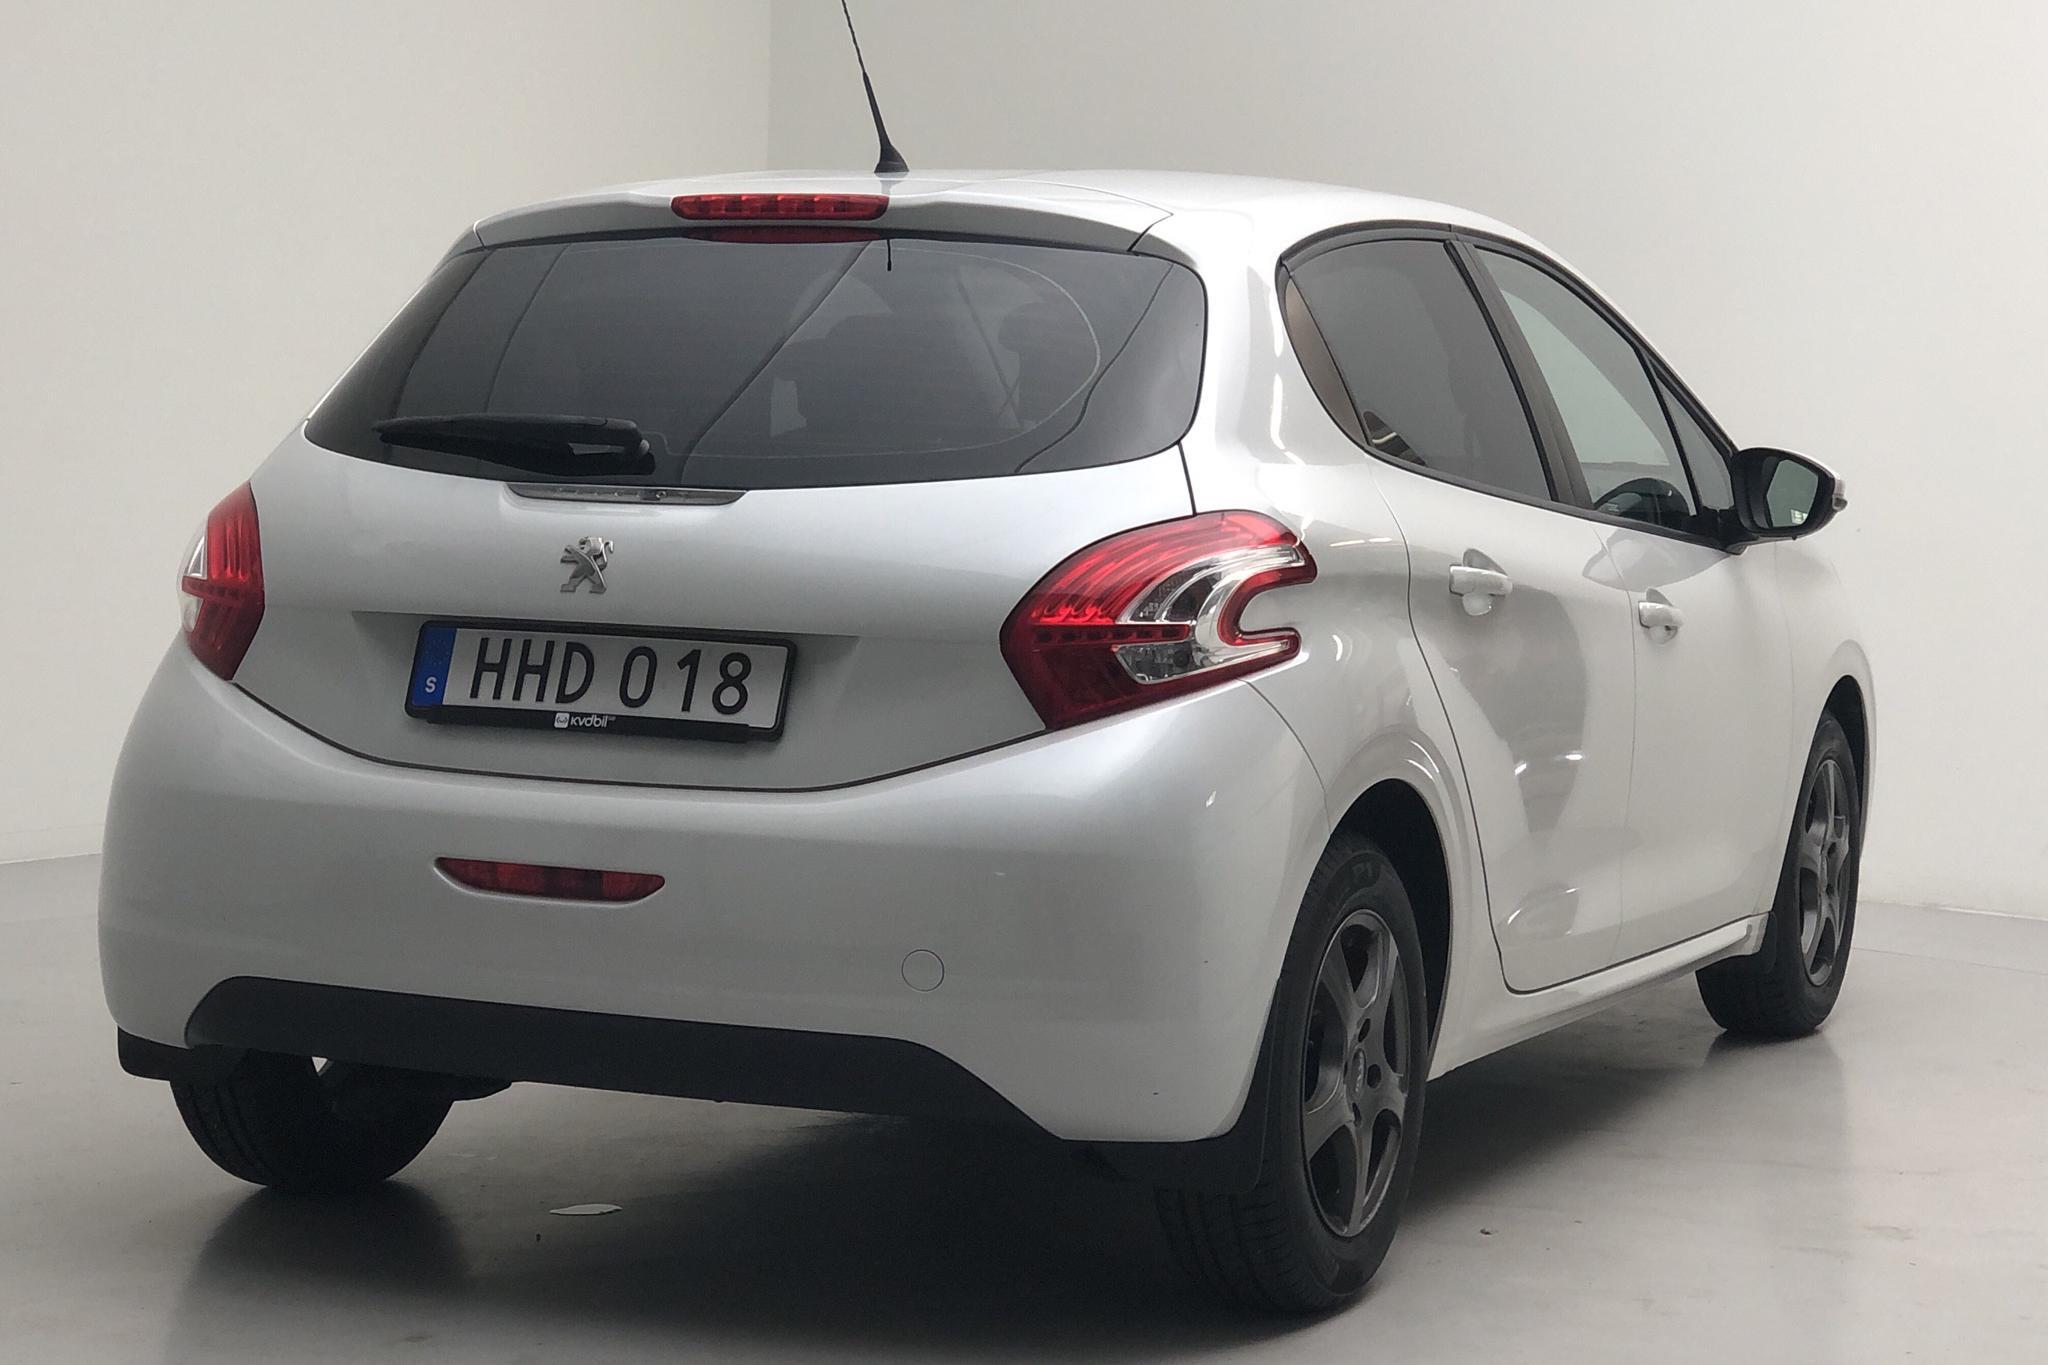 Peugeot 208 1.2 VTi 5dr (82hk) - 6 208 mil - Manuell - grå - 2014